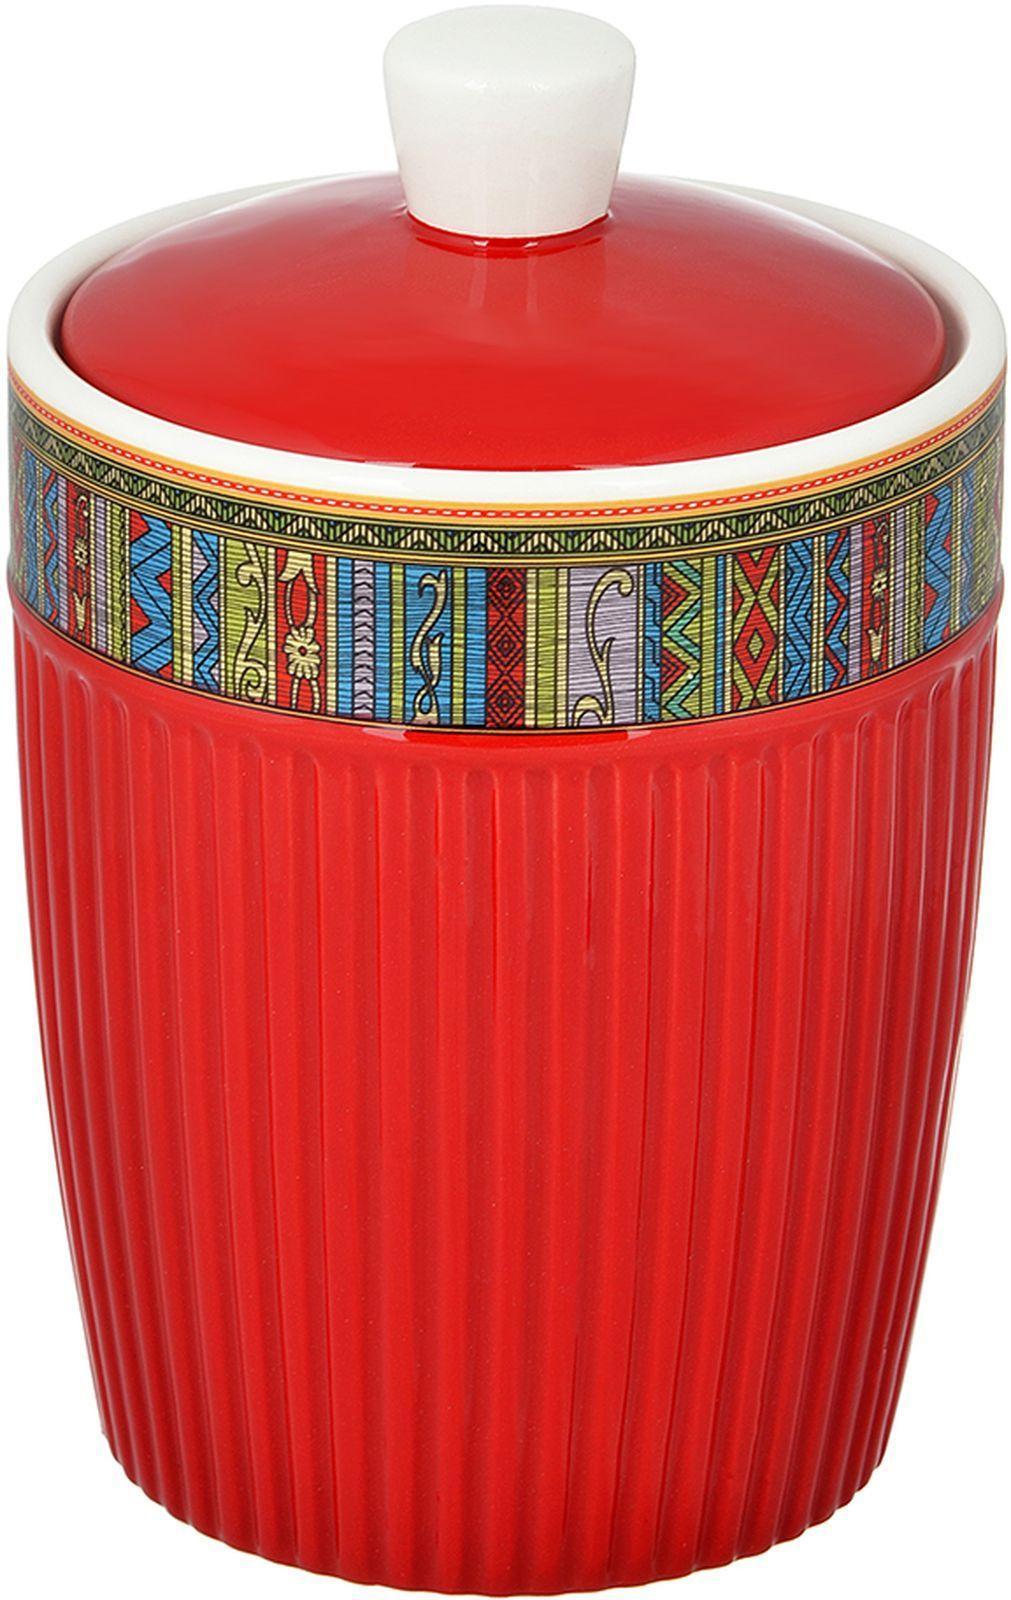 Банка для сыпучих продуктов Millimi Этника, 660 мл банка для сыпучих продуктов феникс презент кремлевский чай 750 мл